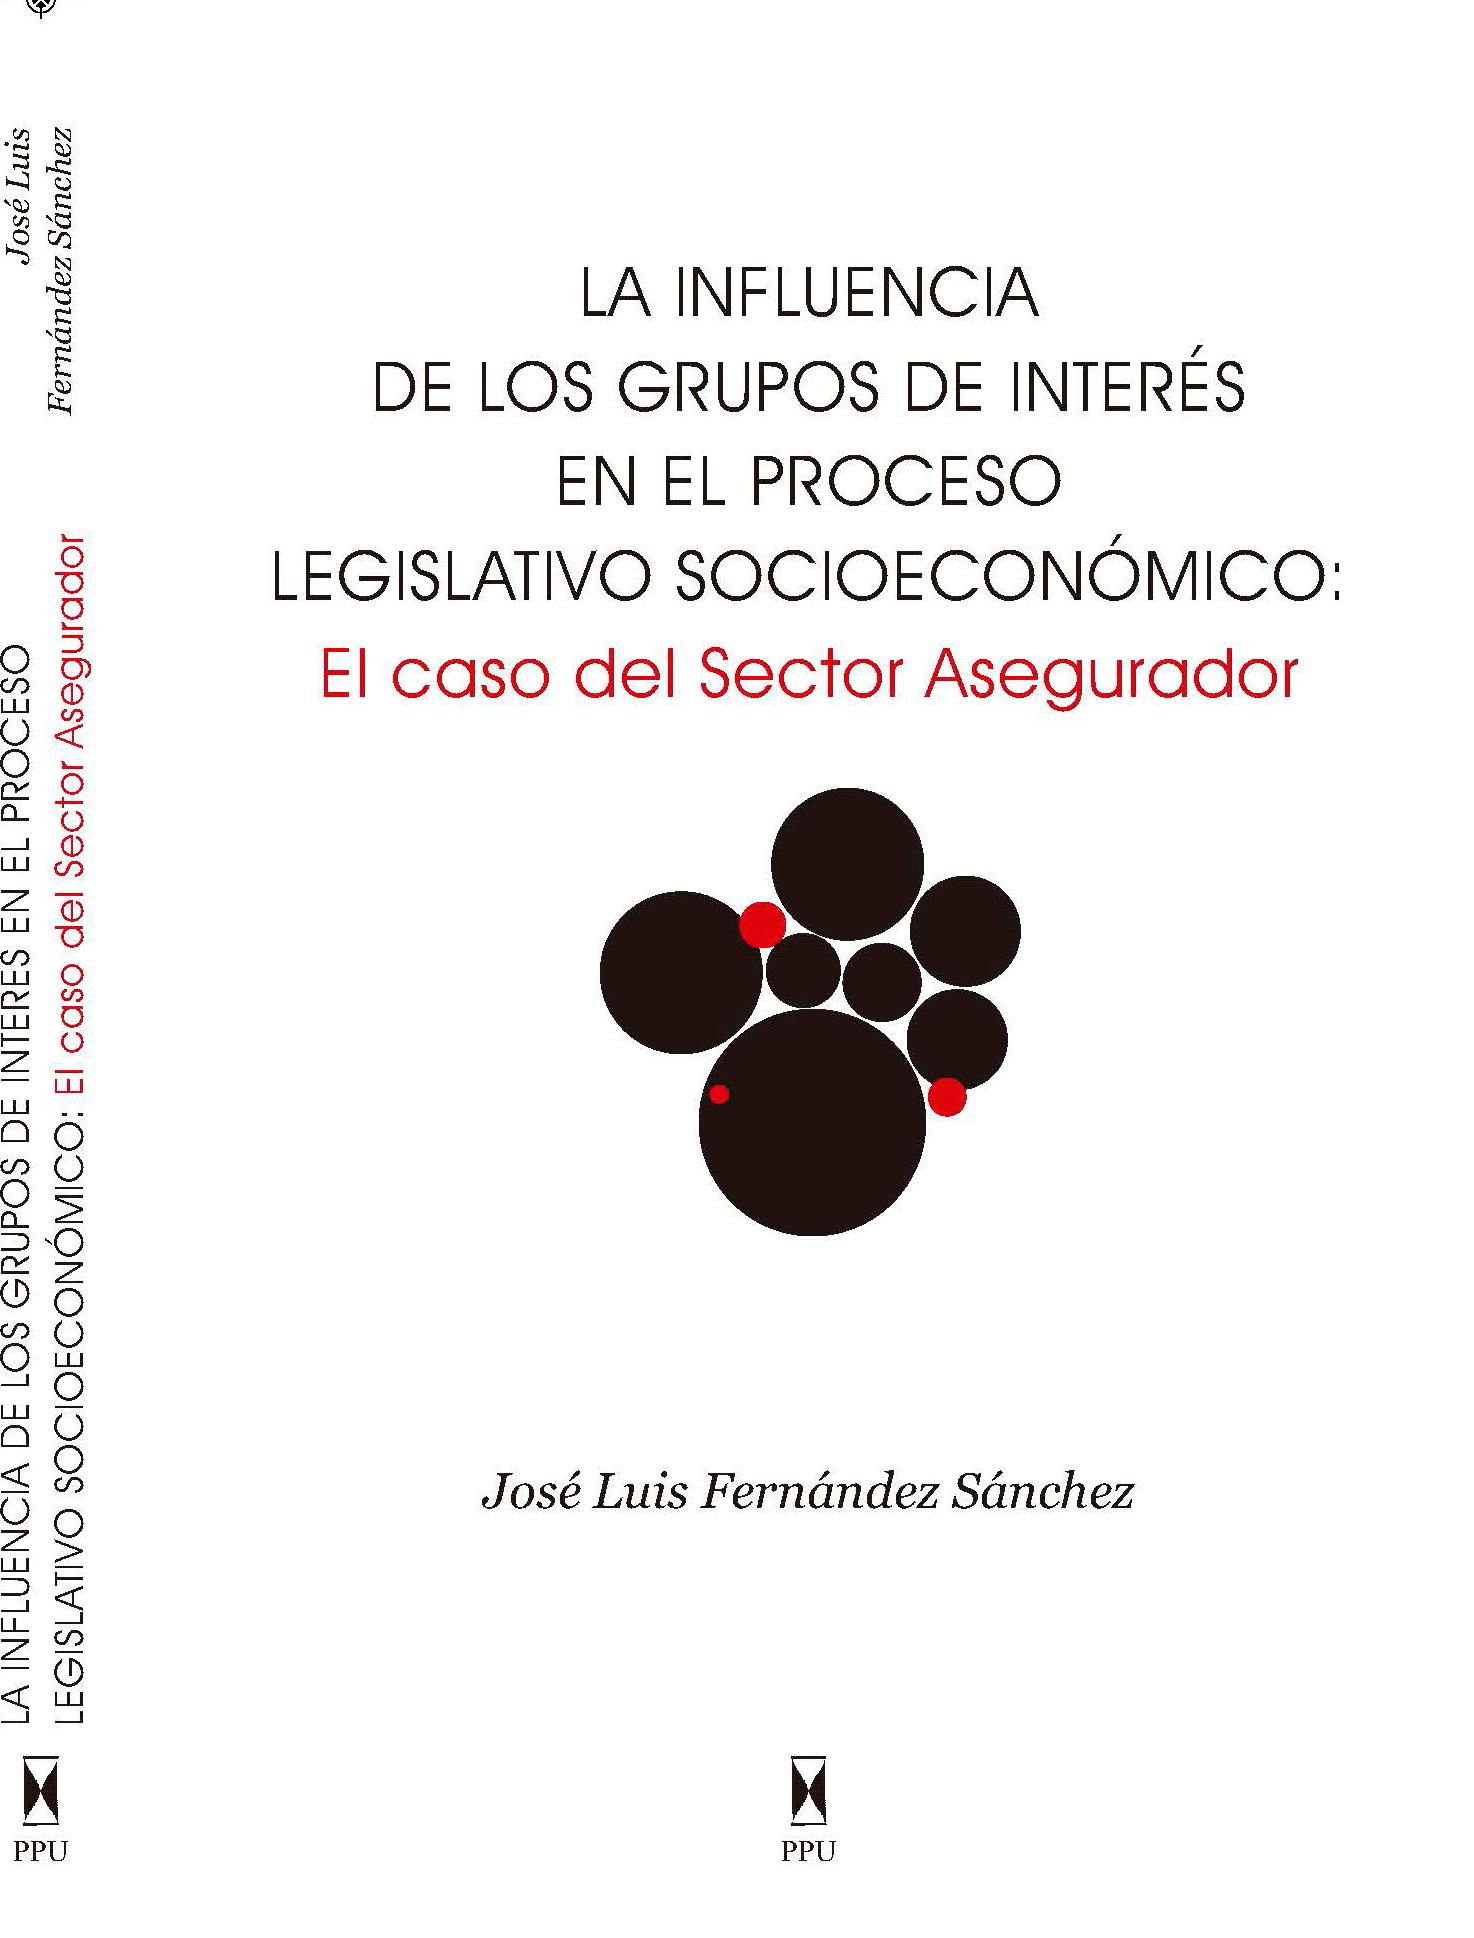 La-influencia-de-los-grupos-de-interés-en-el-proceso-legislativo-socioeconomico